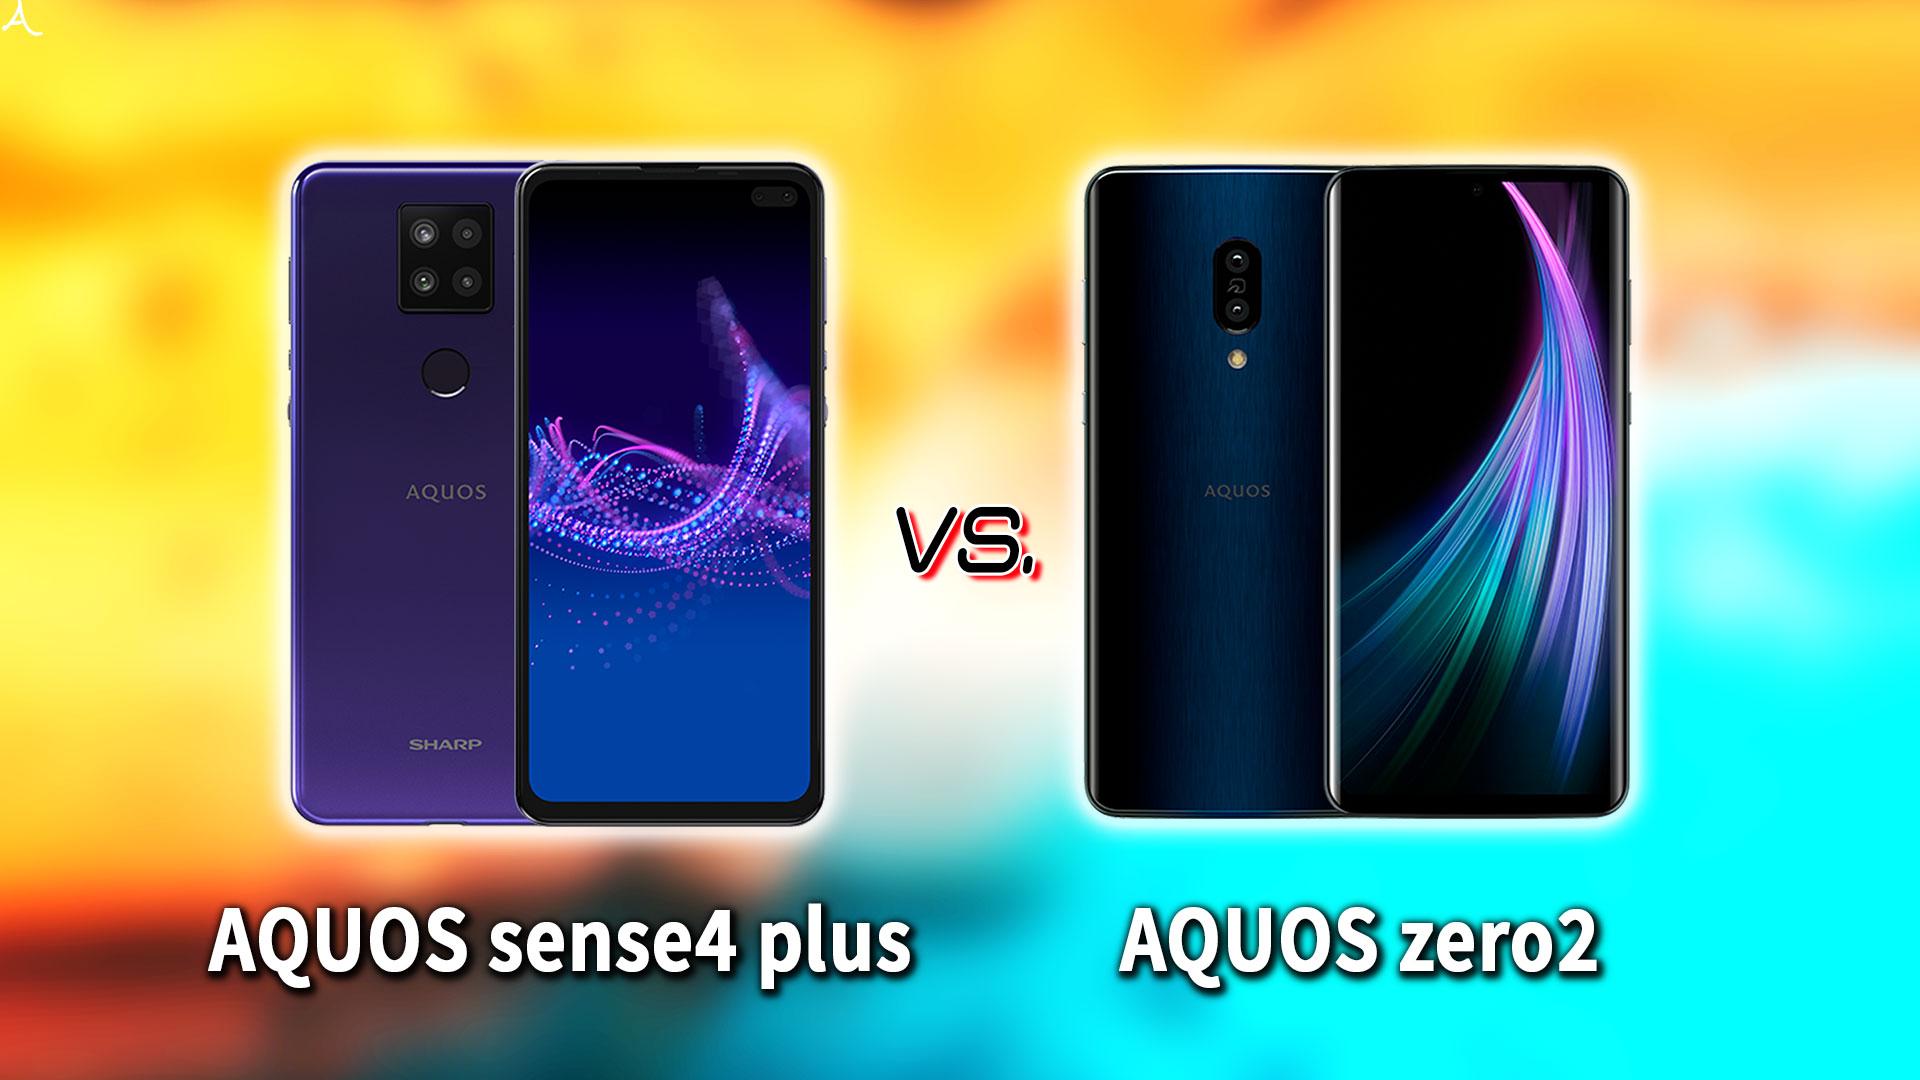 「AQUOS sense4 plus」と「AQUOS zero2」の違いを比較:どっちを買う?